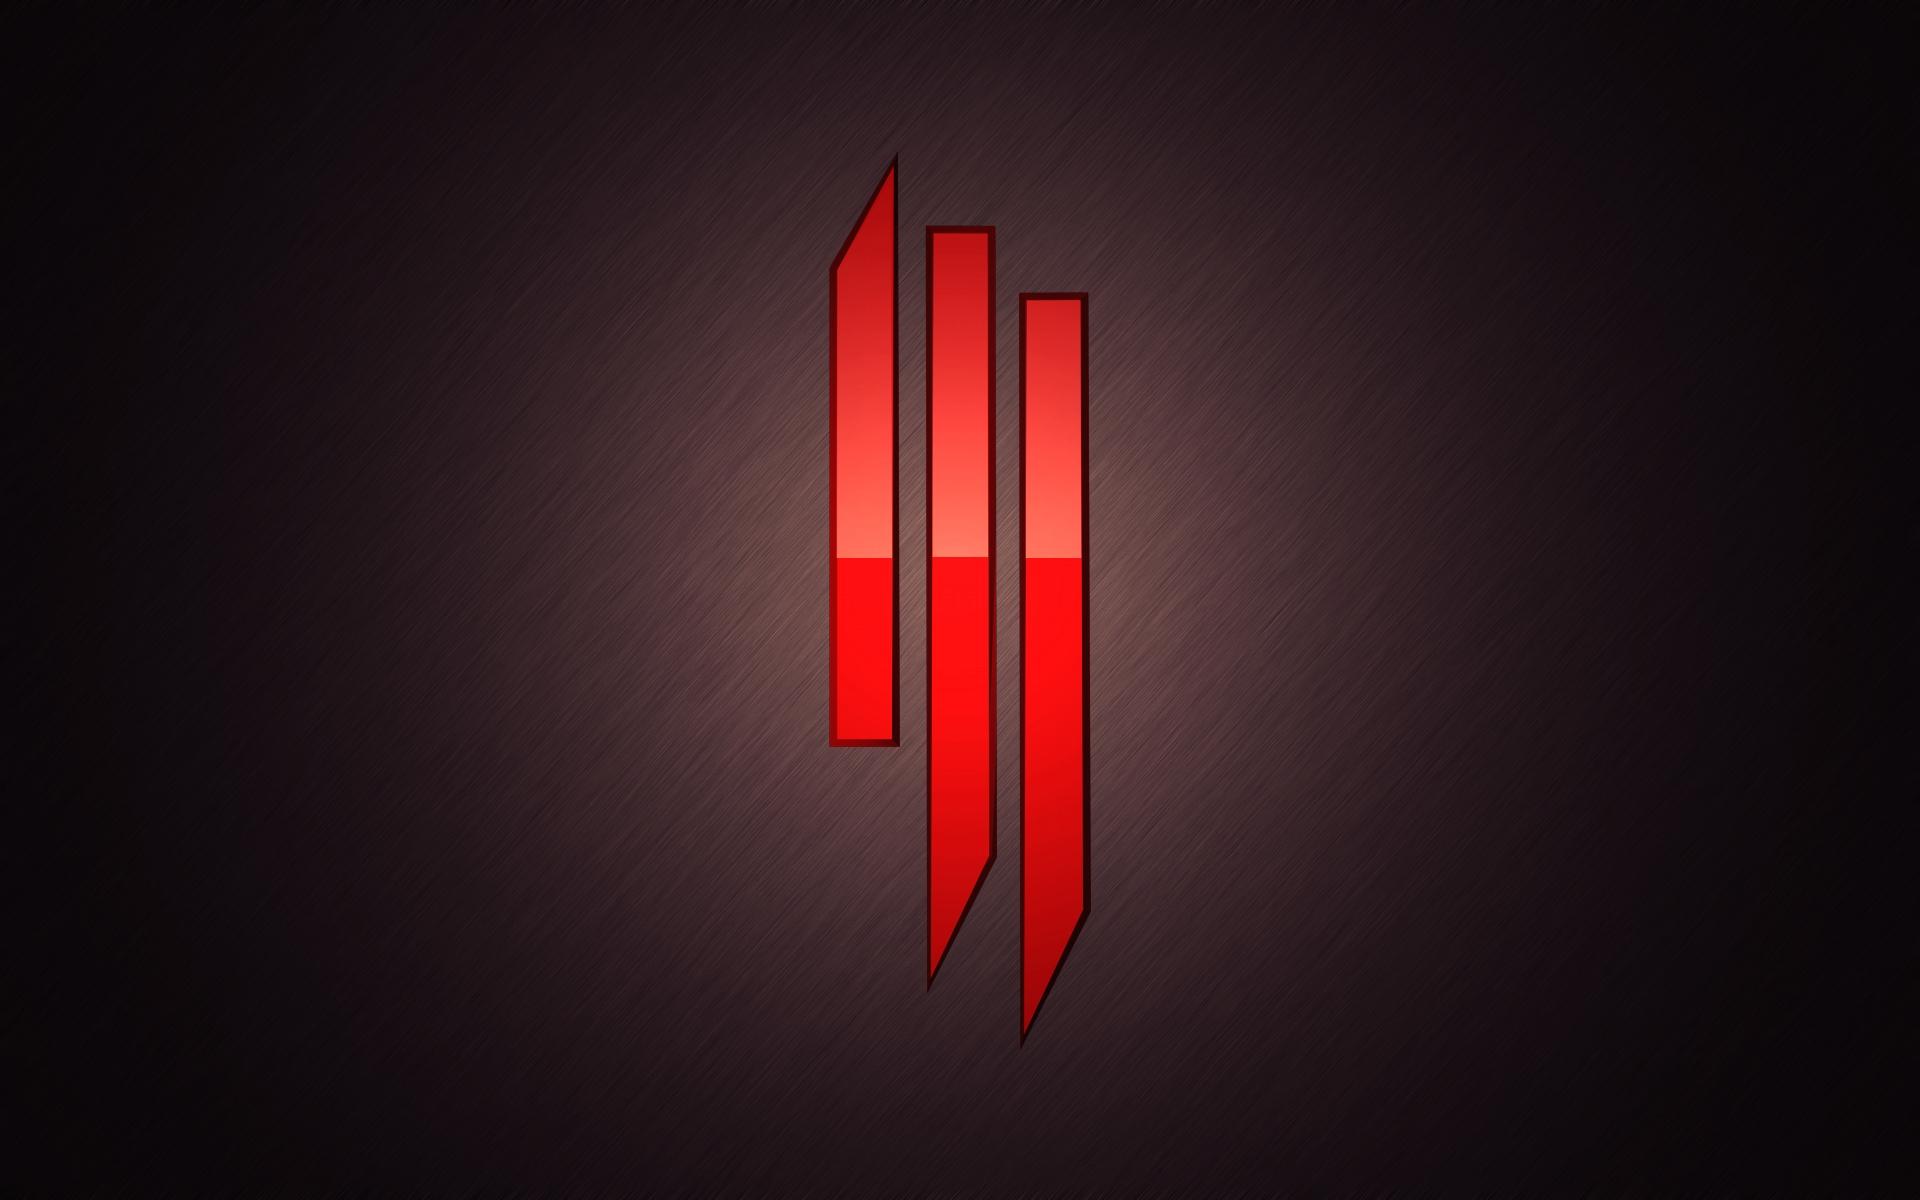 Wonderful Wallpaper Logo Skrillex - red-logo-Skrillex-light-background-line-darkness-symbol-graphics-computer-wallpaper-font-product-design-788652  Pictures_45963.jpg